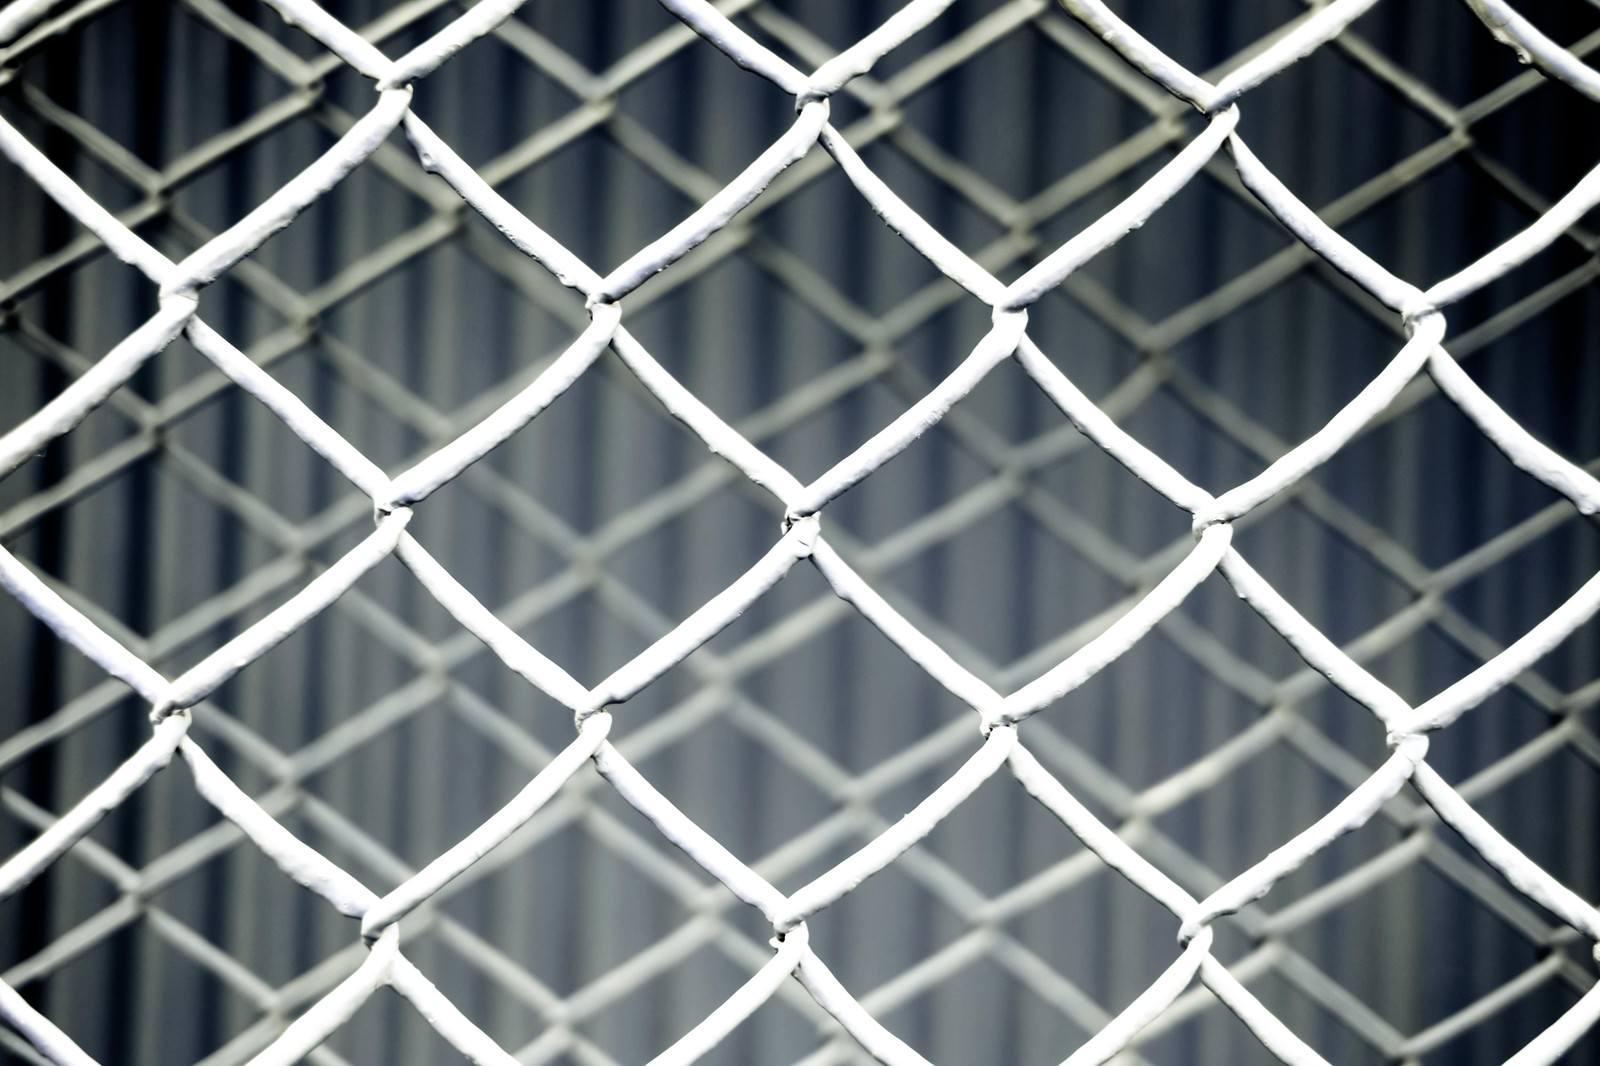 「重なった金網フェンス(灰)重なった金網フェンス(灰)」のフリー写真素材を拡大